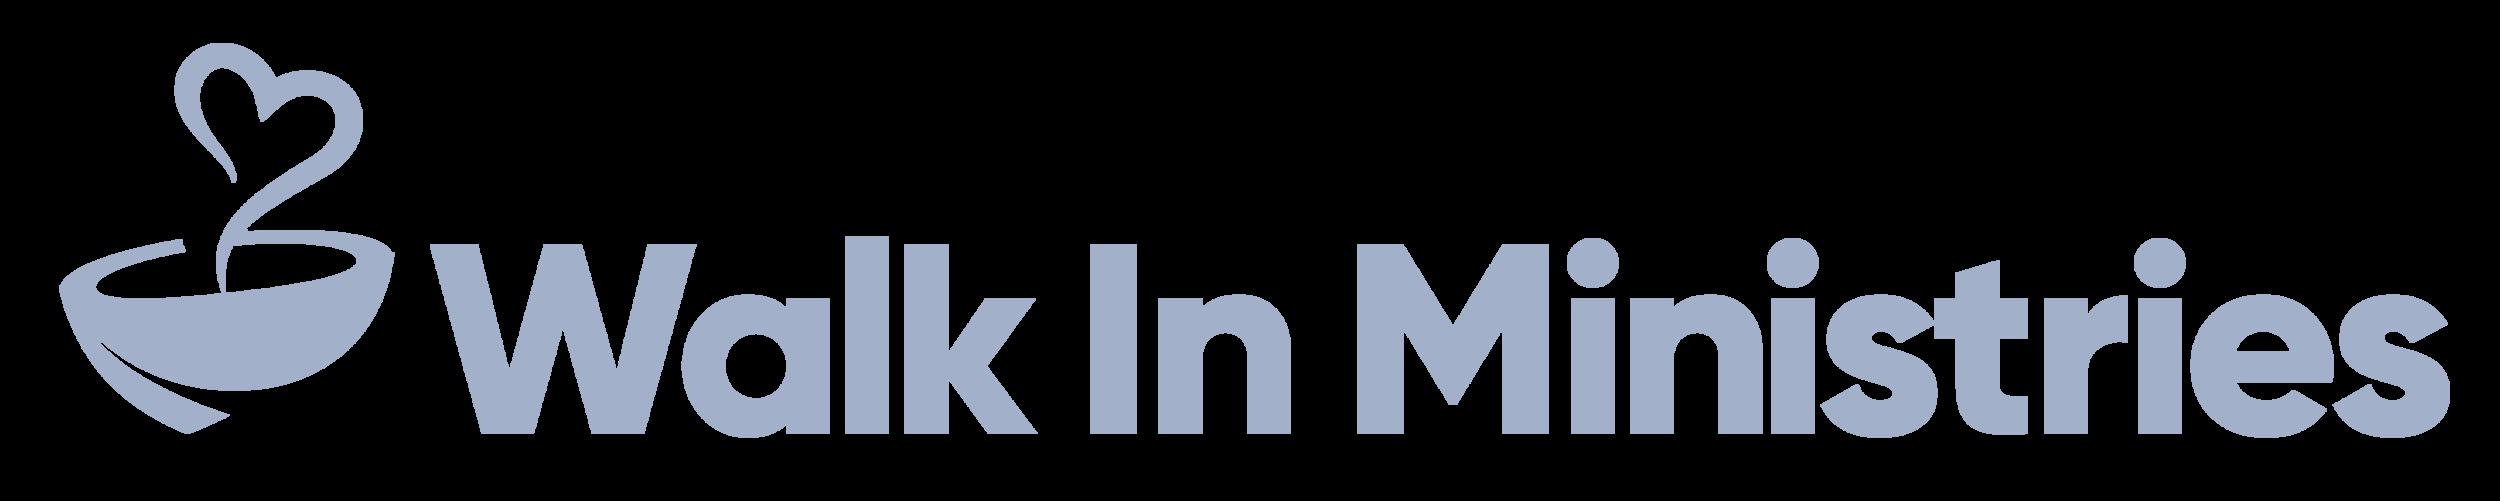 WalkInMinistries NoRoof version.png